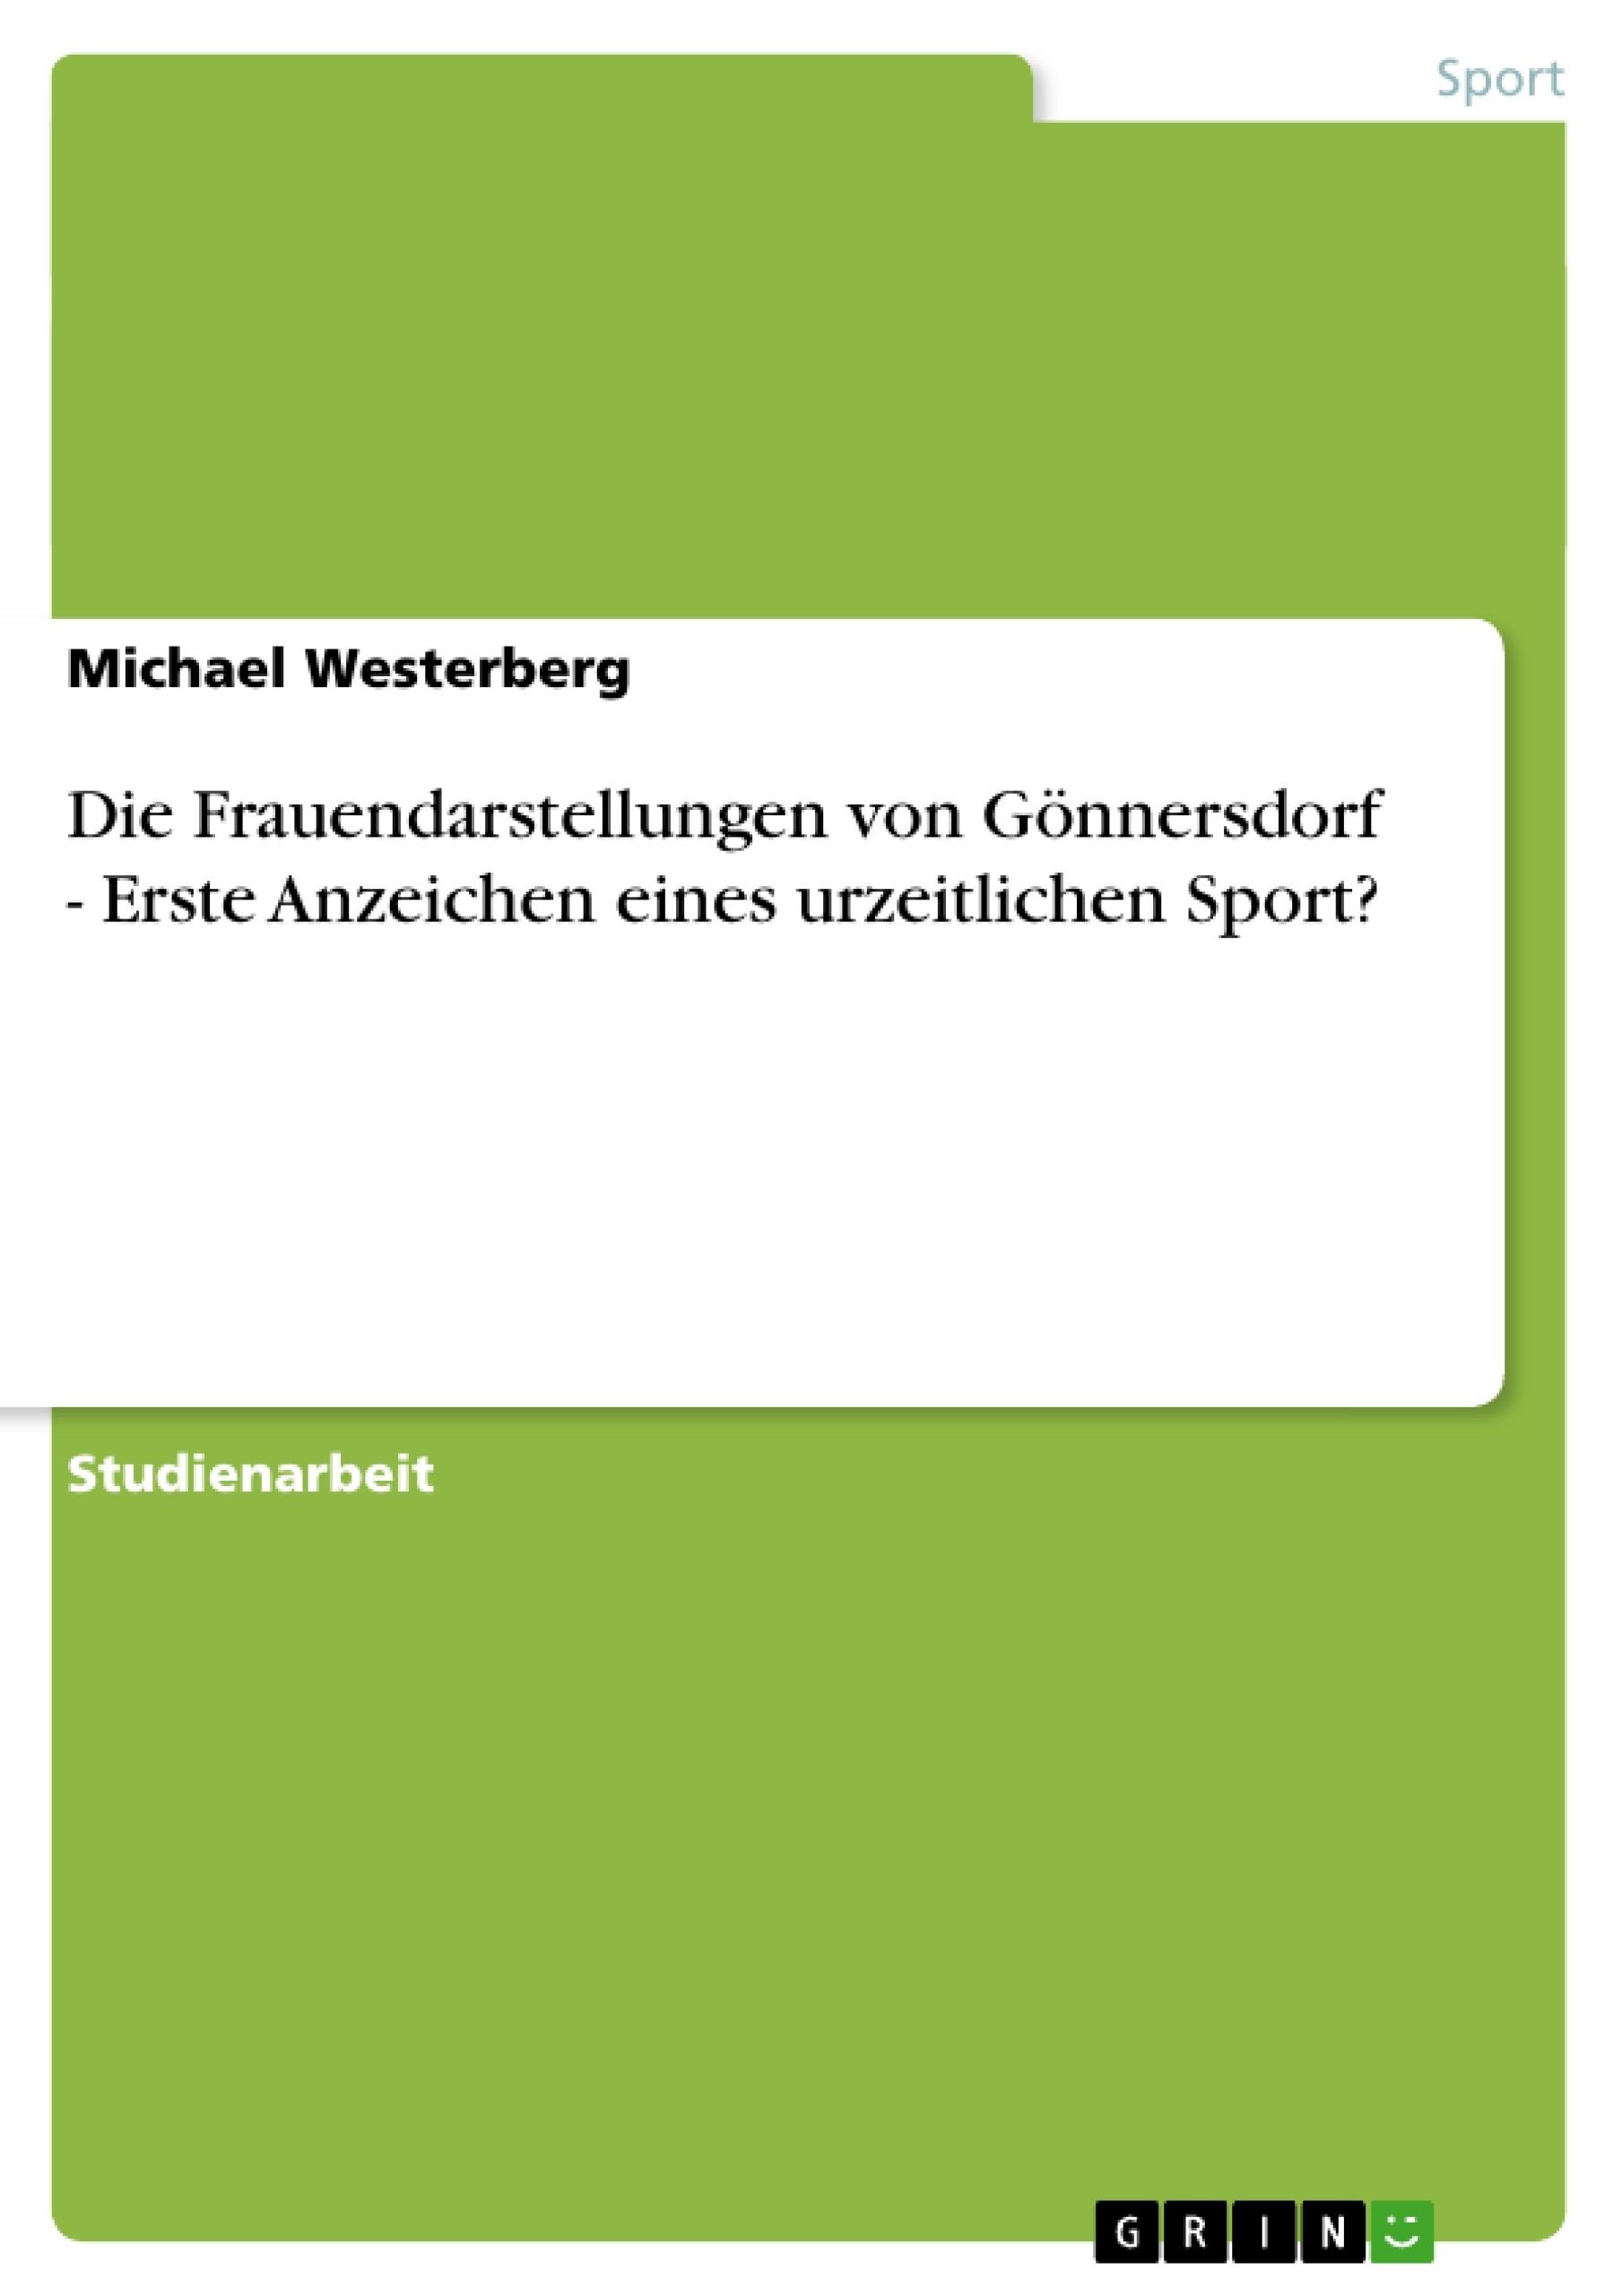 Titel: Die Frauendarstellungen von Gönnersdorf - Erste Anzeichen eines urzeitlichen Sport?